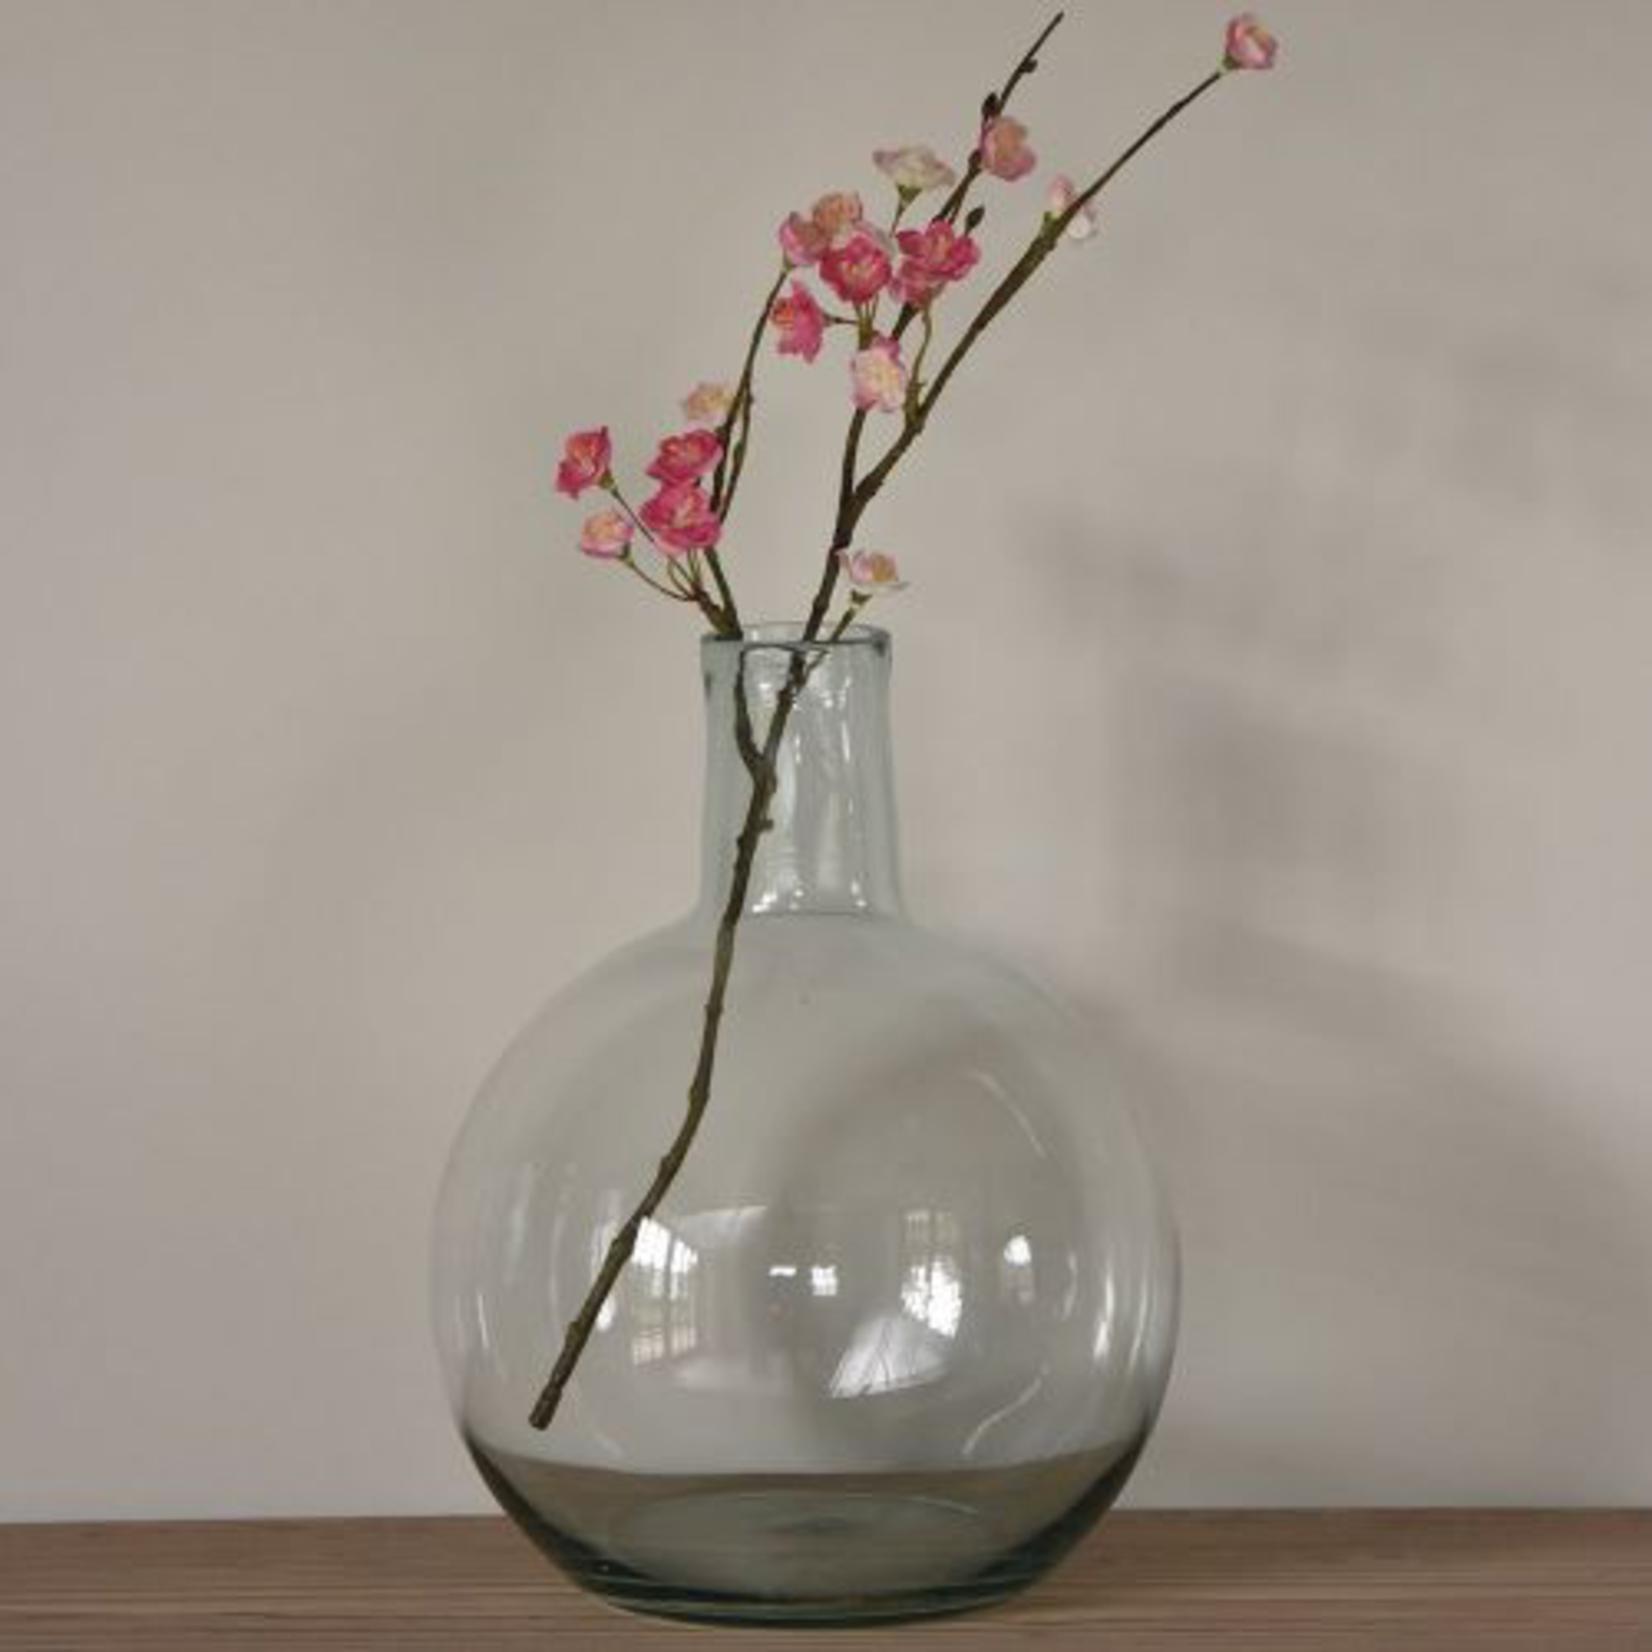 Grand Interiors Botanical Stem Vase Medium 22x31cm